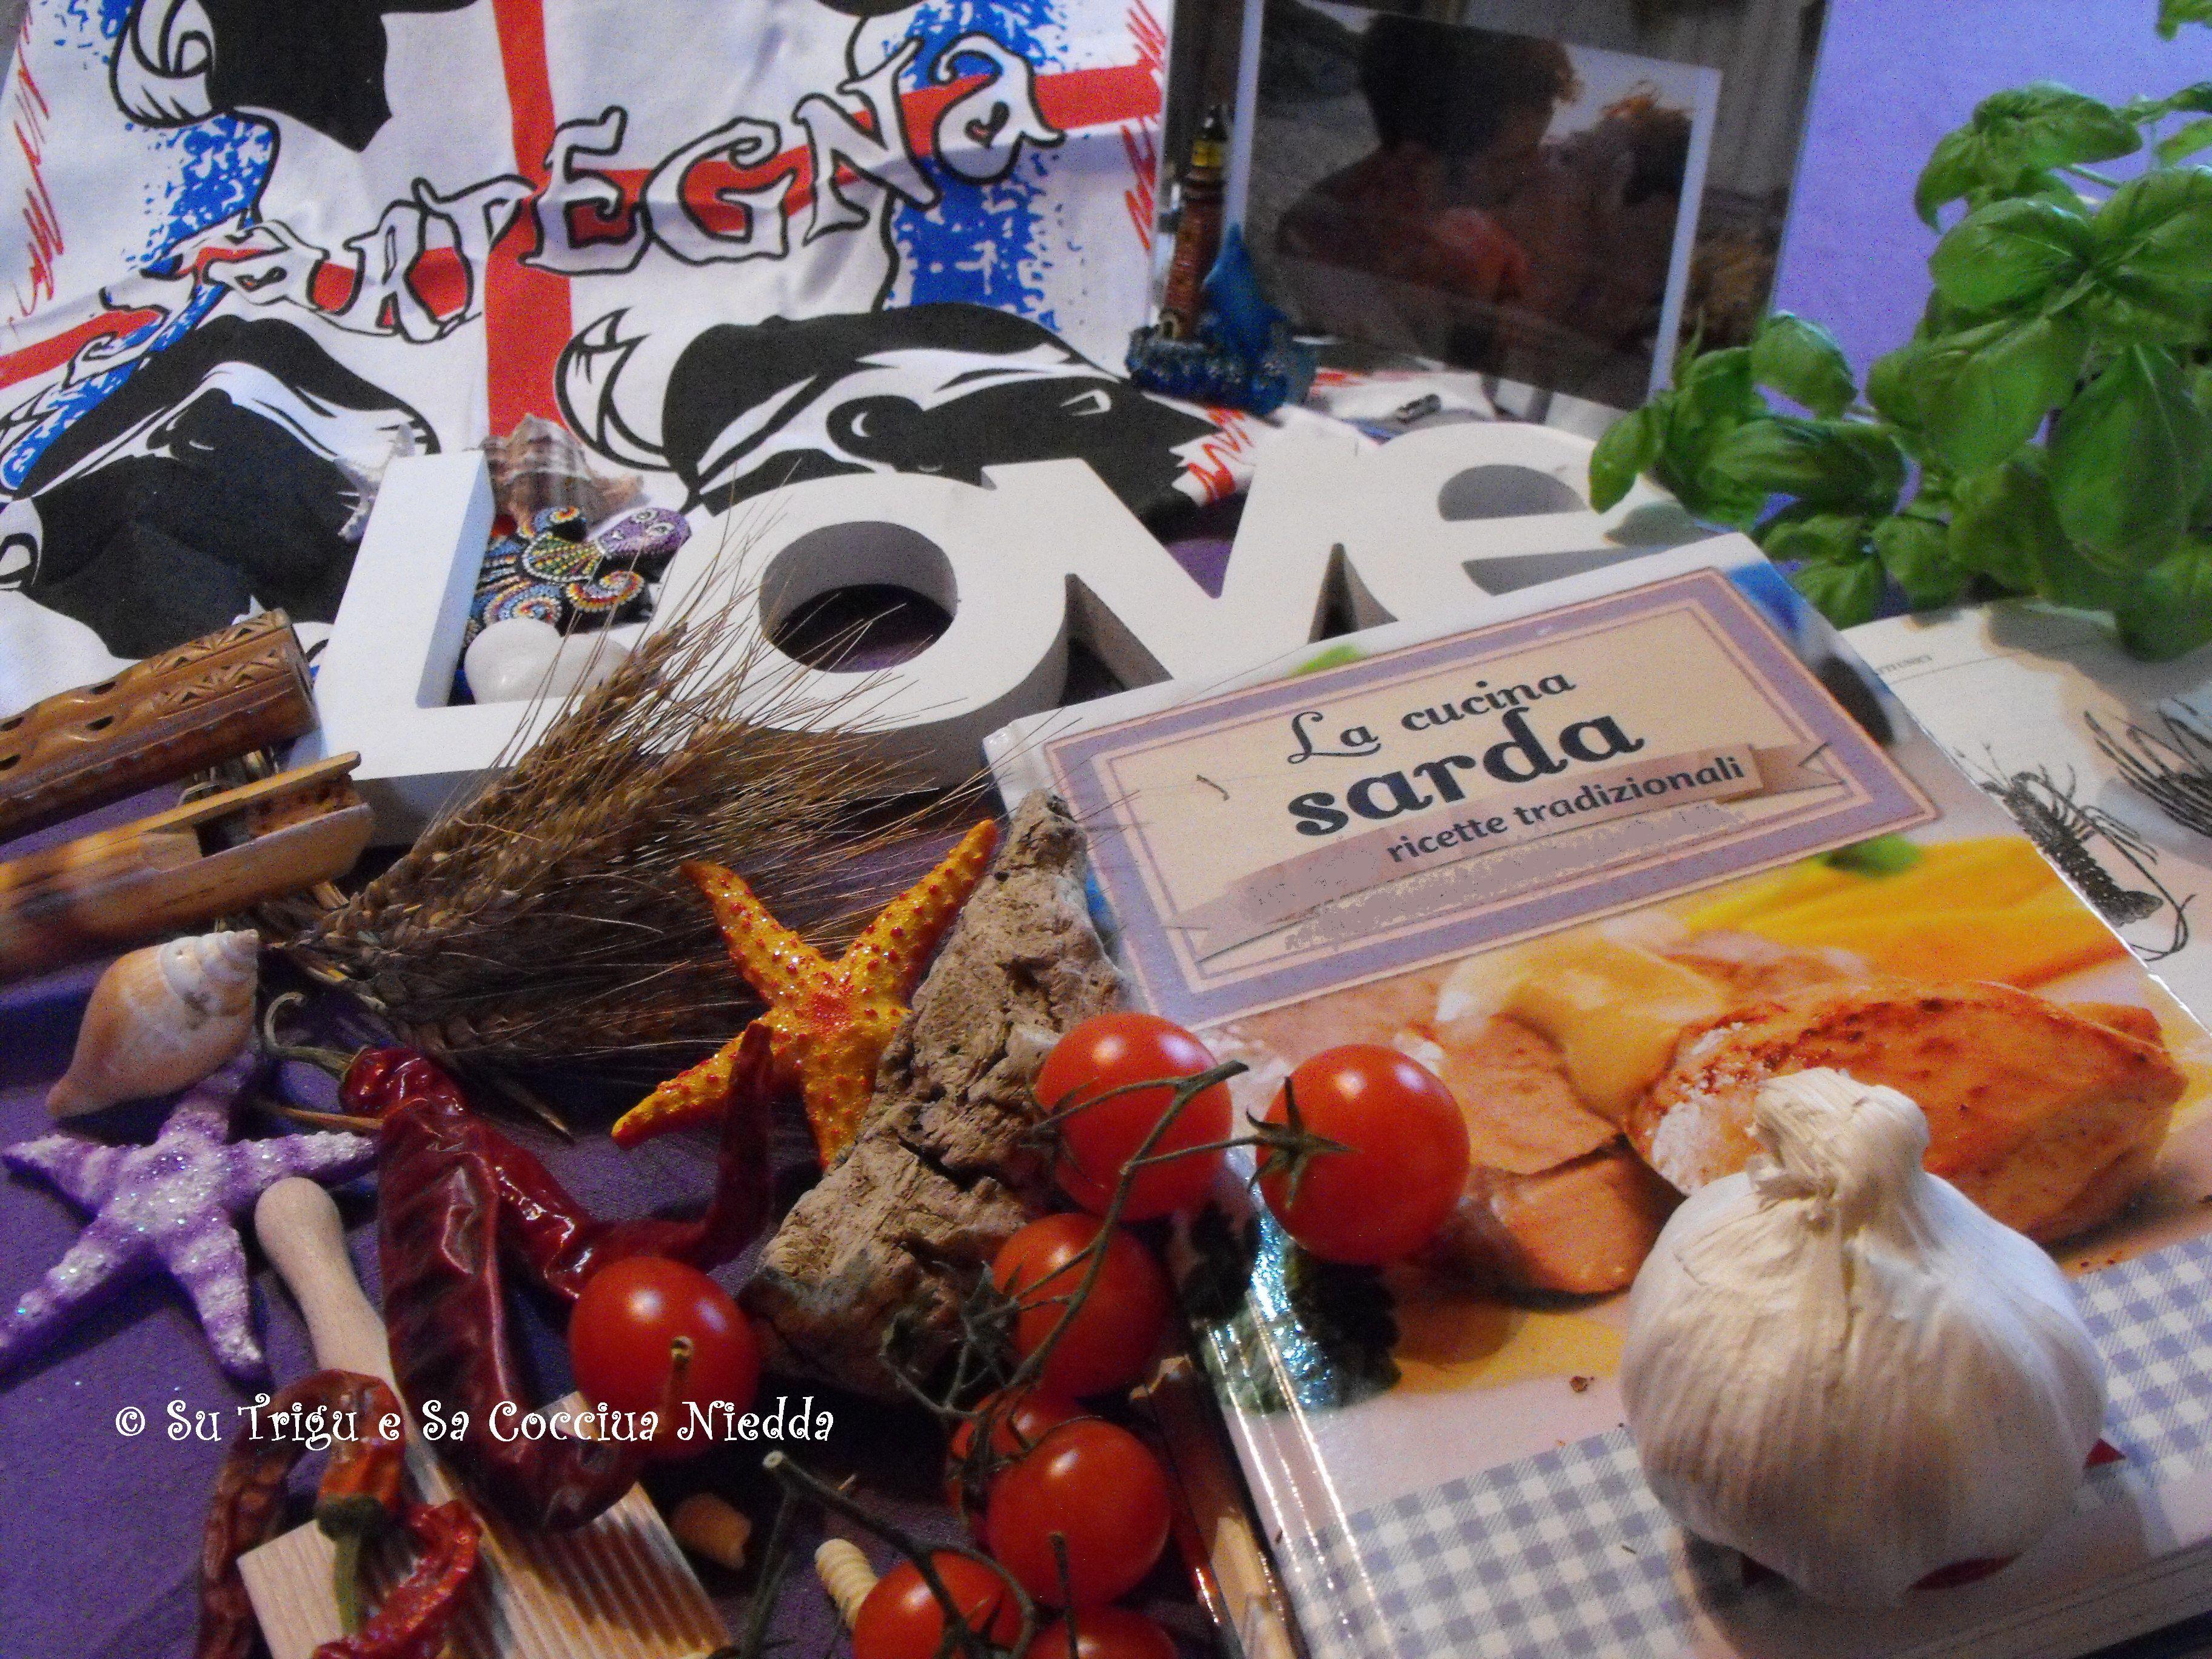 tante prelibatezze sarde, ricordi del mare, una boccetta di sabbia, e un prezioso ricettario sardo fra le stelle marine, i pomodorini, le mandorle e i malloreddos; launeddad e amore per noi, per la Sardegna, per la buona cucina e le sue tradizioni